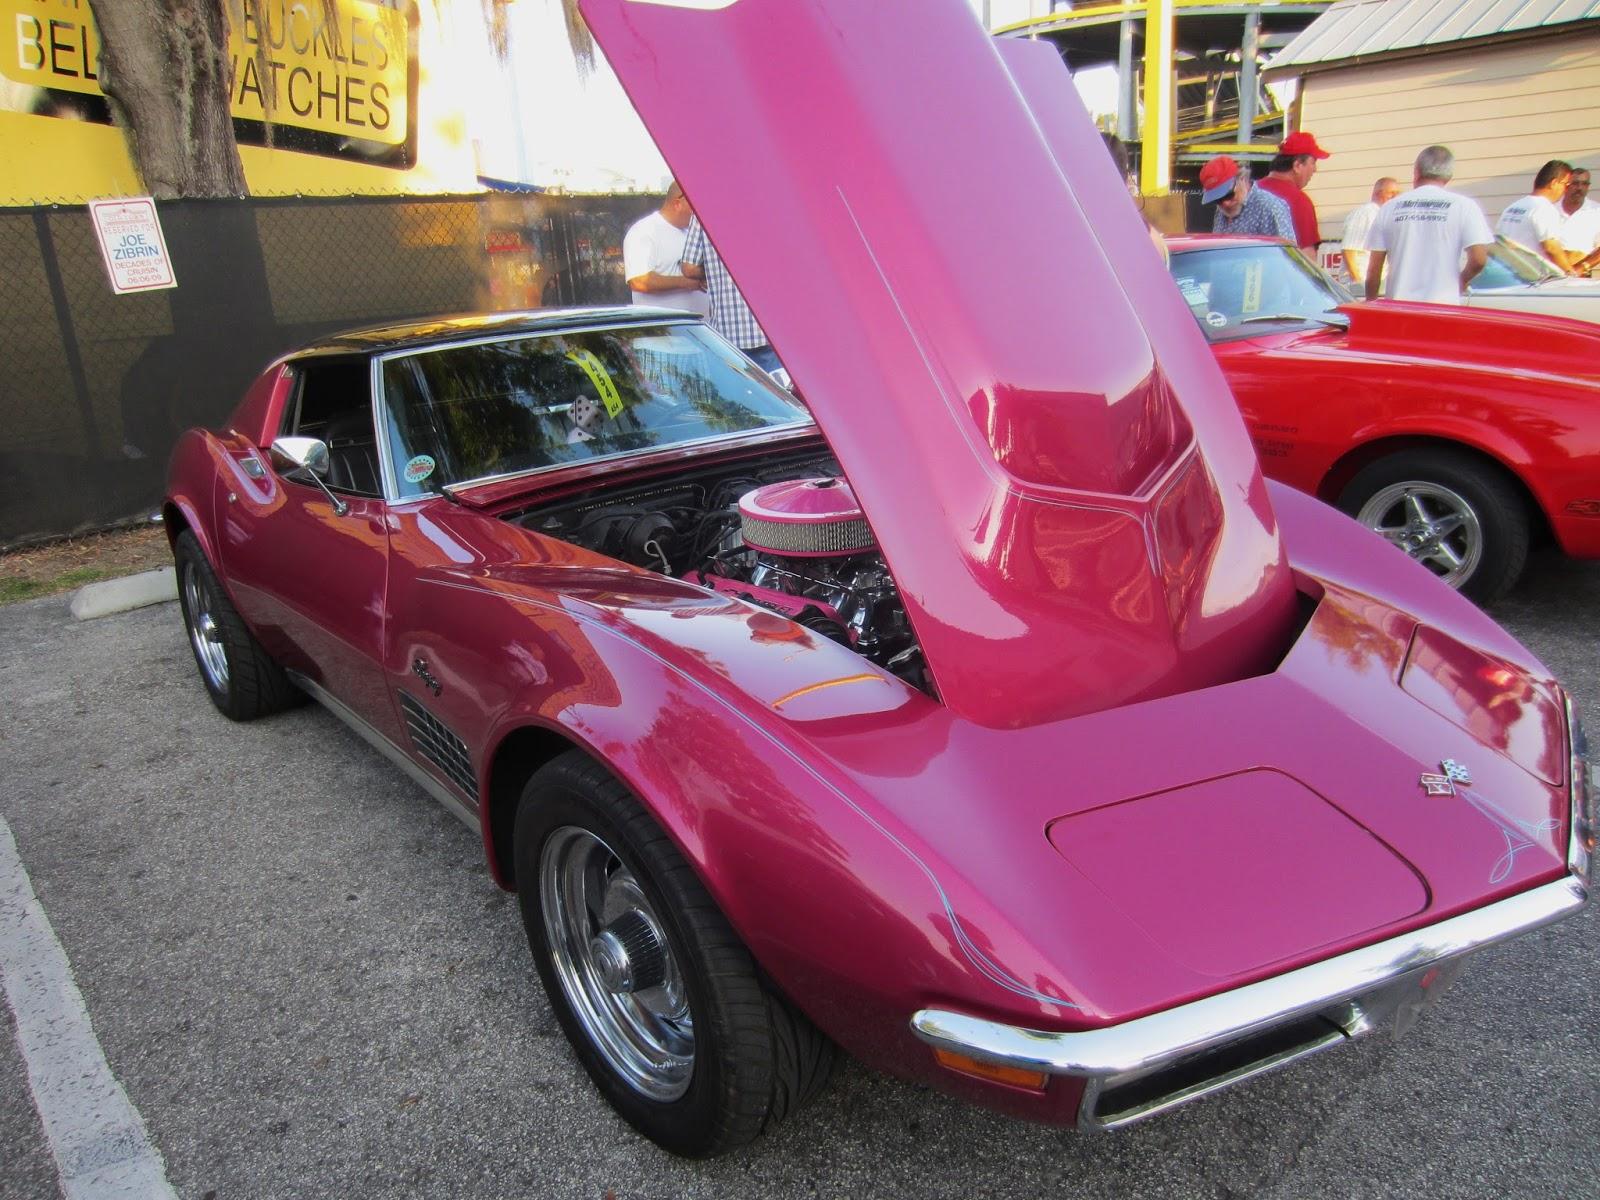 CAR SHOW PHOTOS IN NOVA SCOTIA Car Show At Kissimmee Florida Oldtown - Old town florida car show